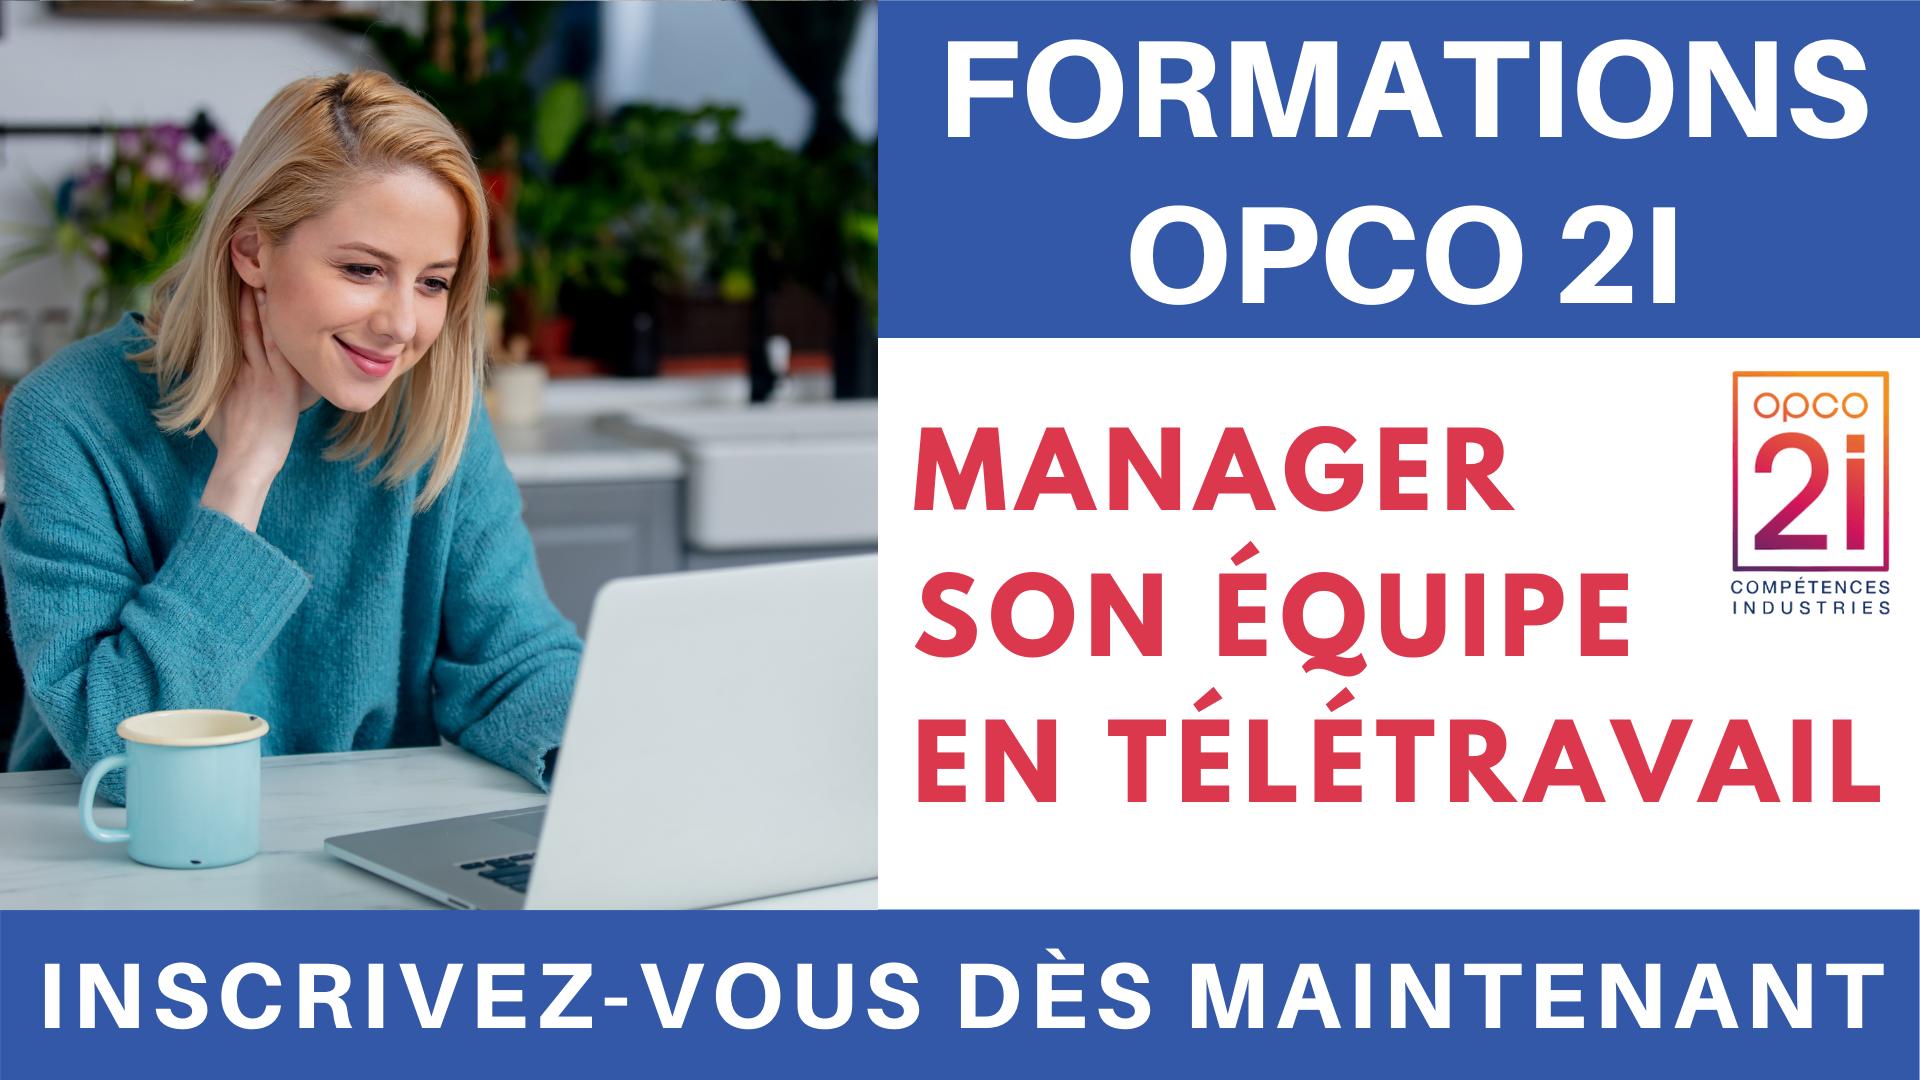 Formations OPCO 2i - manager son équipe en télétravail